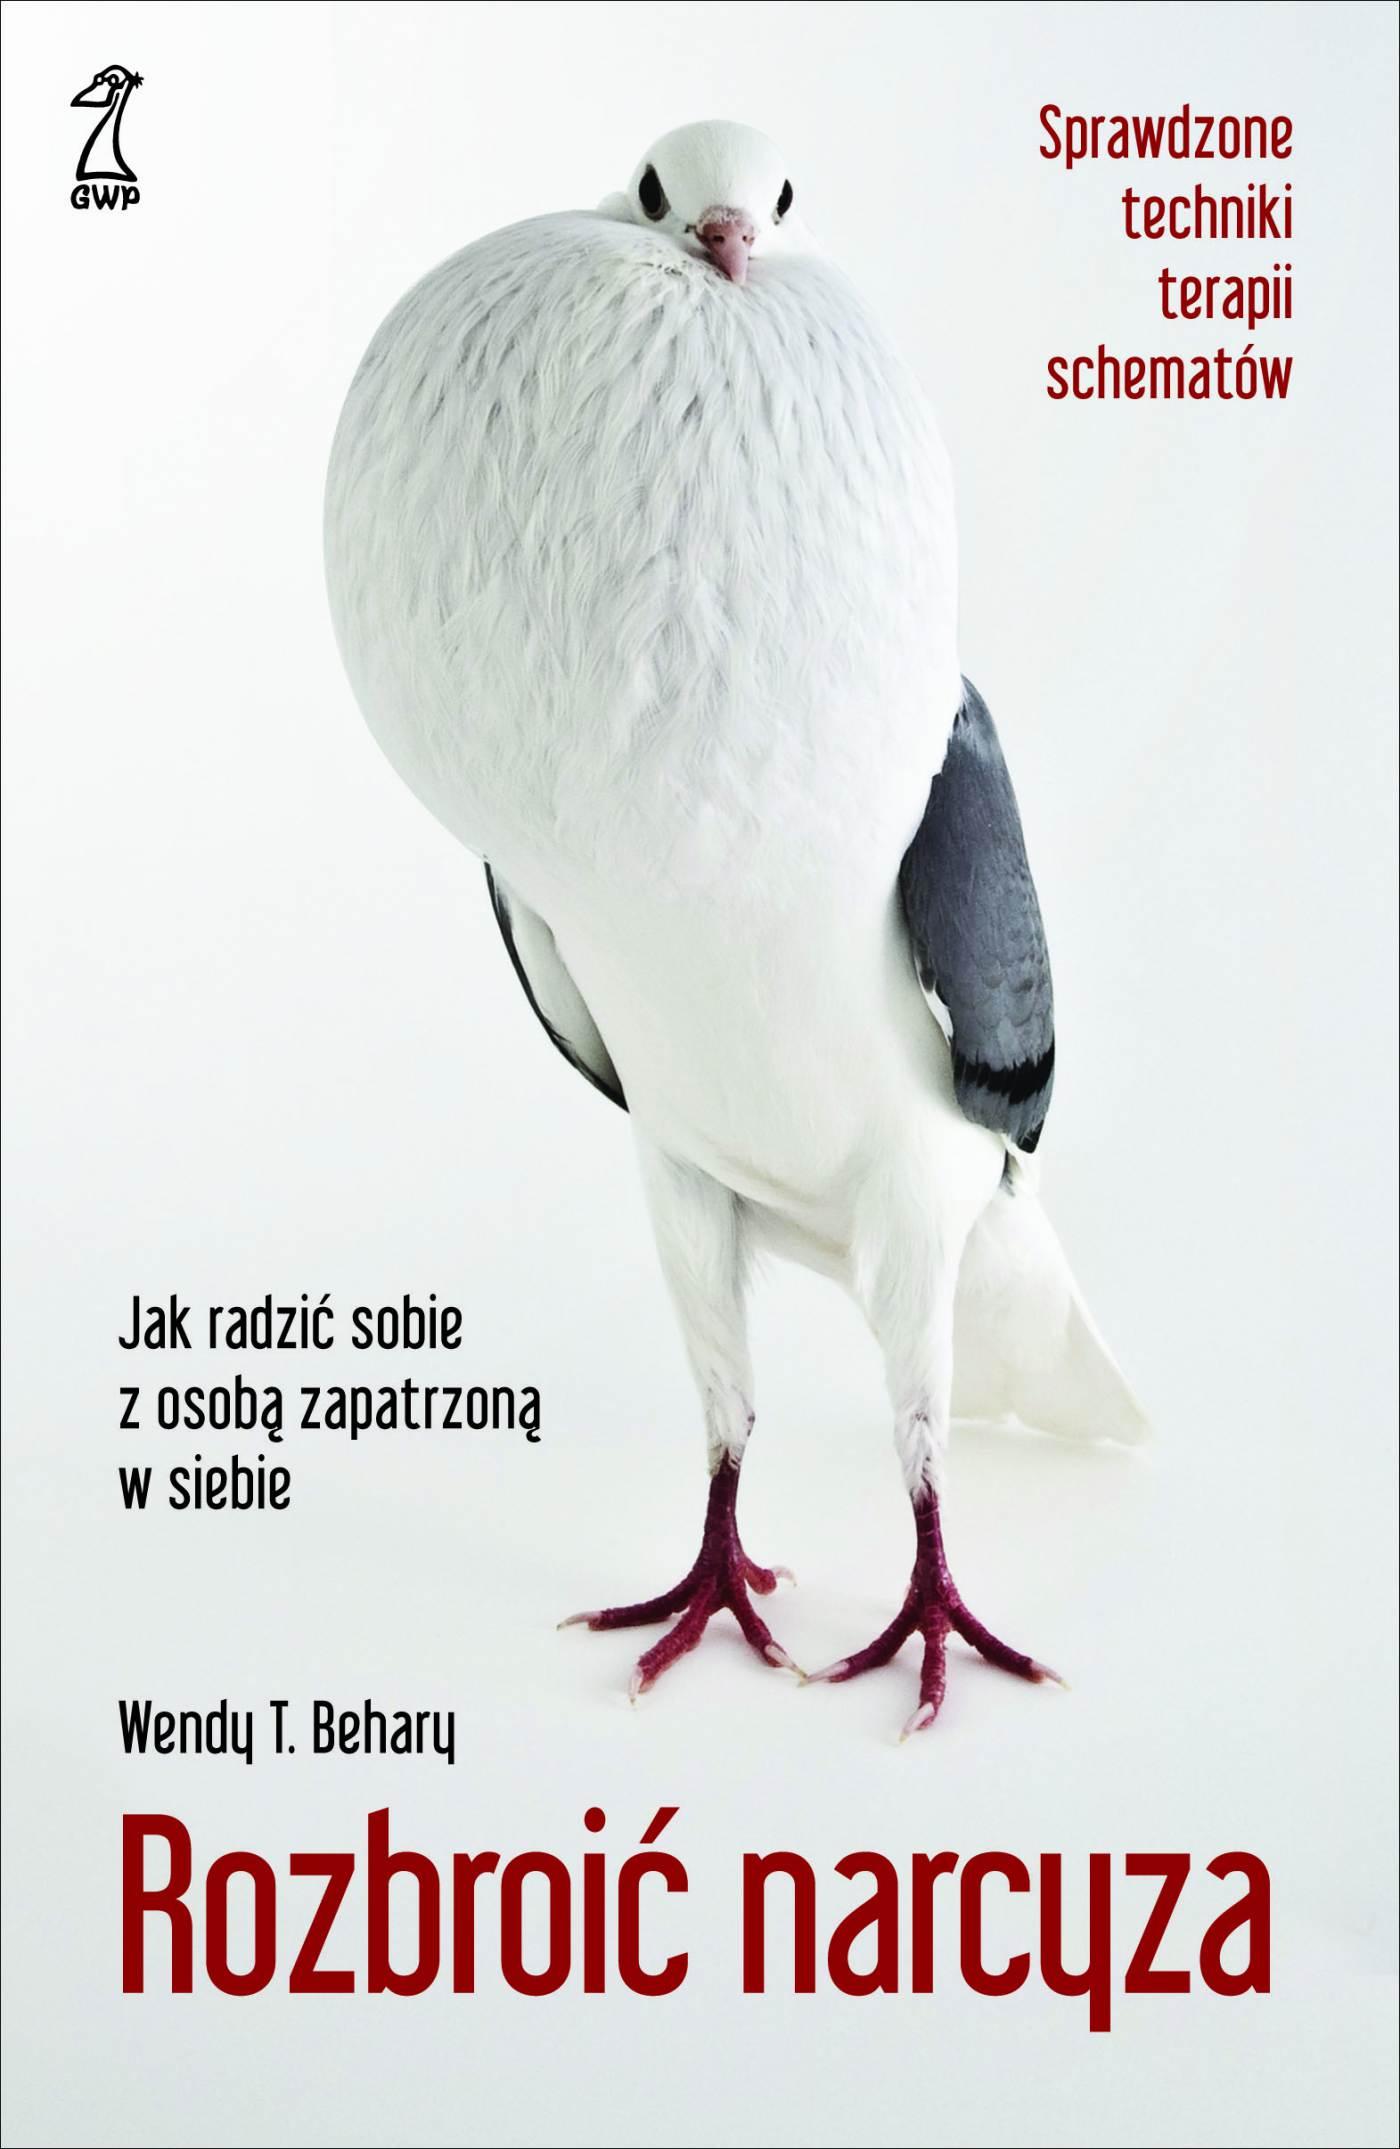 Rozbroić narcyza. Jak radzić sobie z osobą zapatrzoną w siebie - Ebook (Książka na Kindle) do pobrania w formacie MOBI